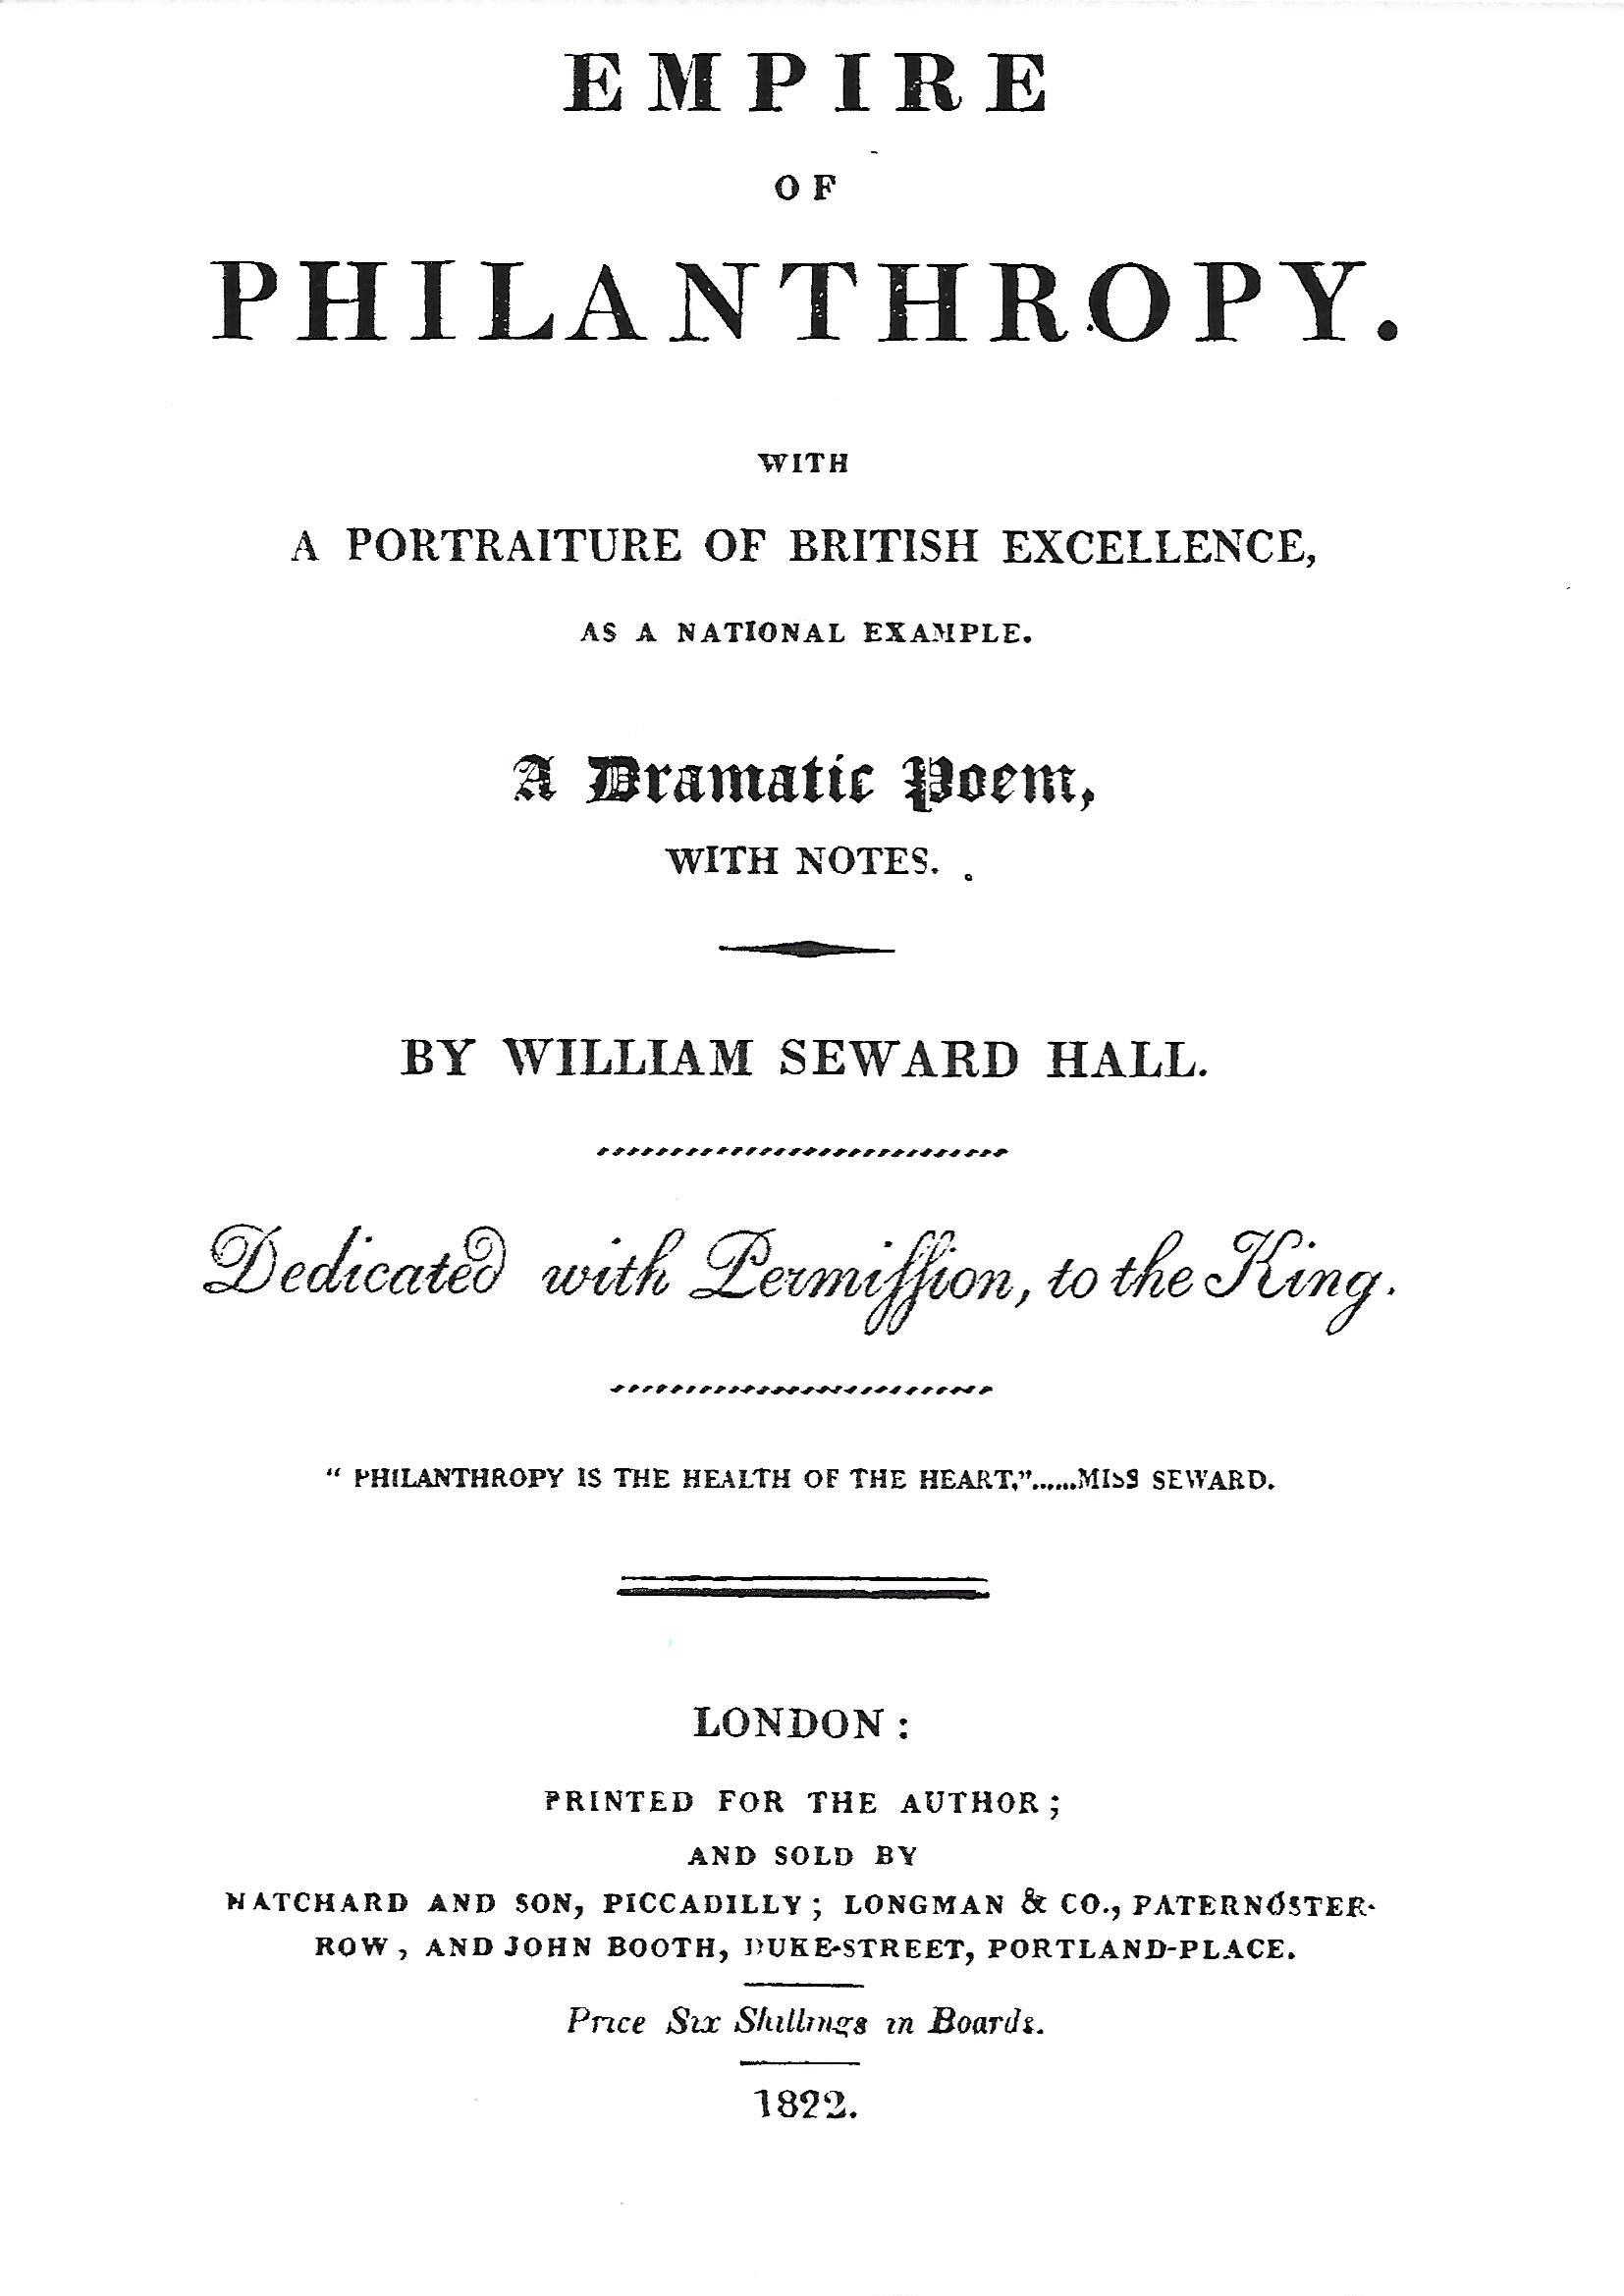 William S Hall